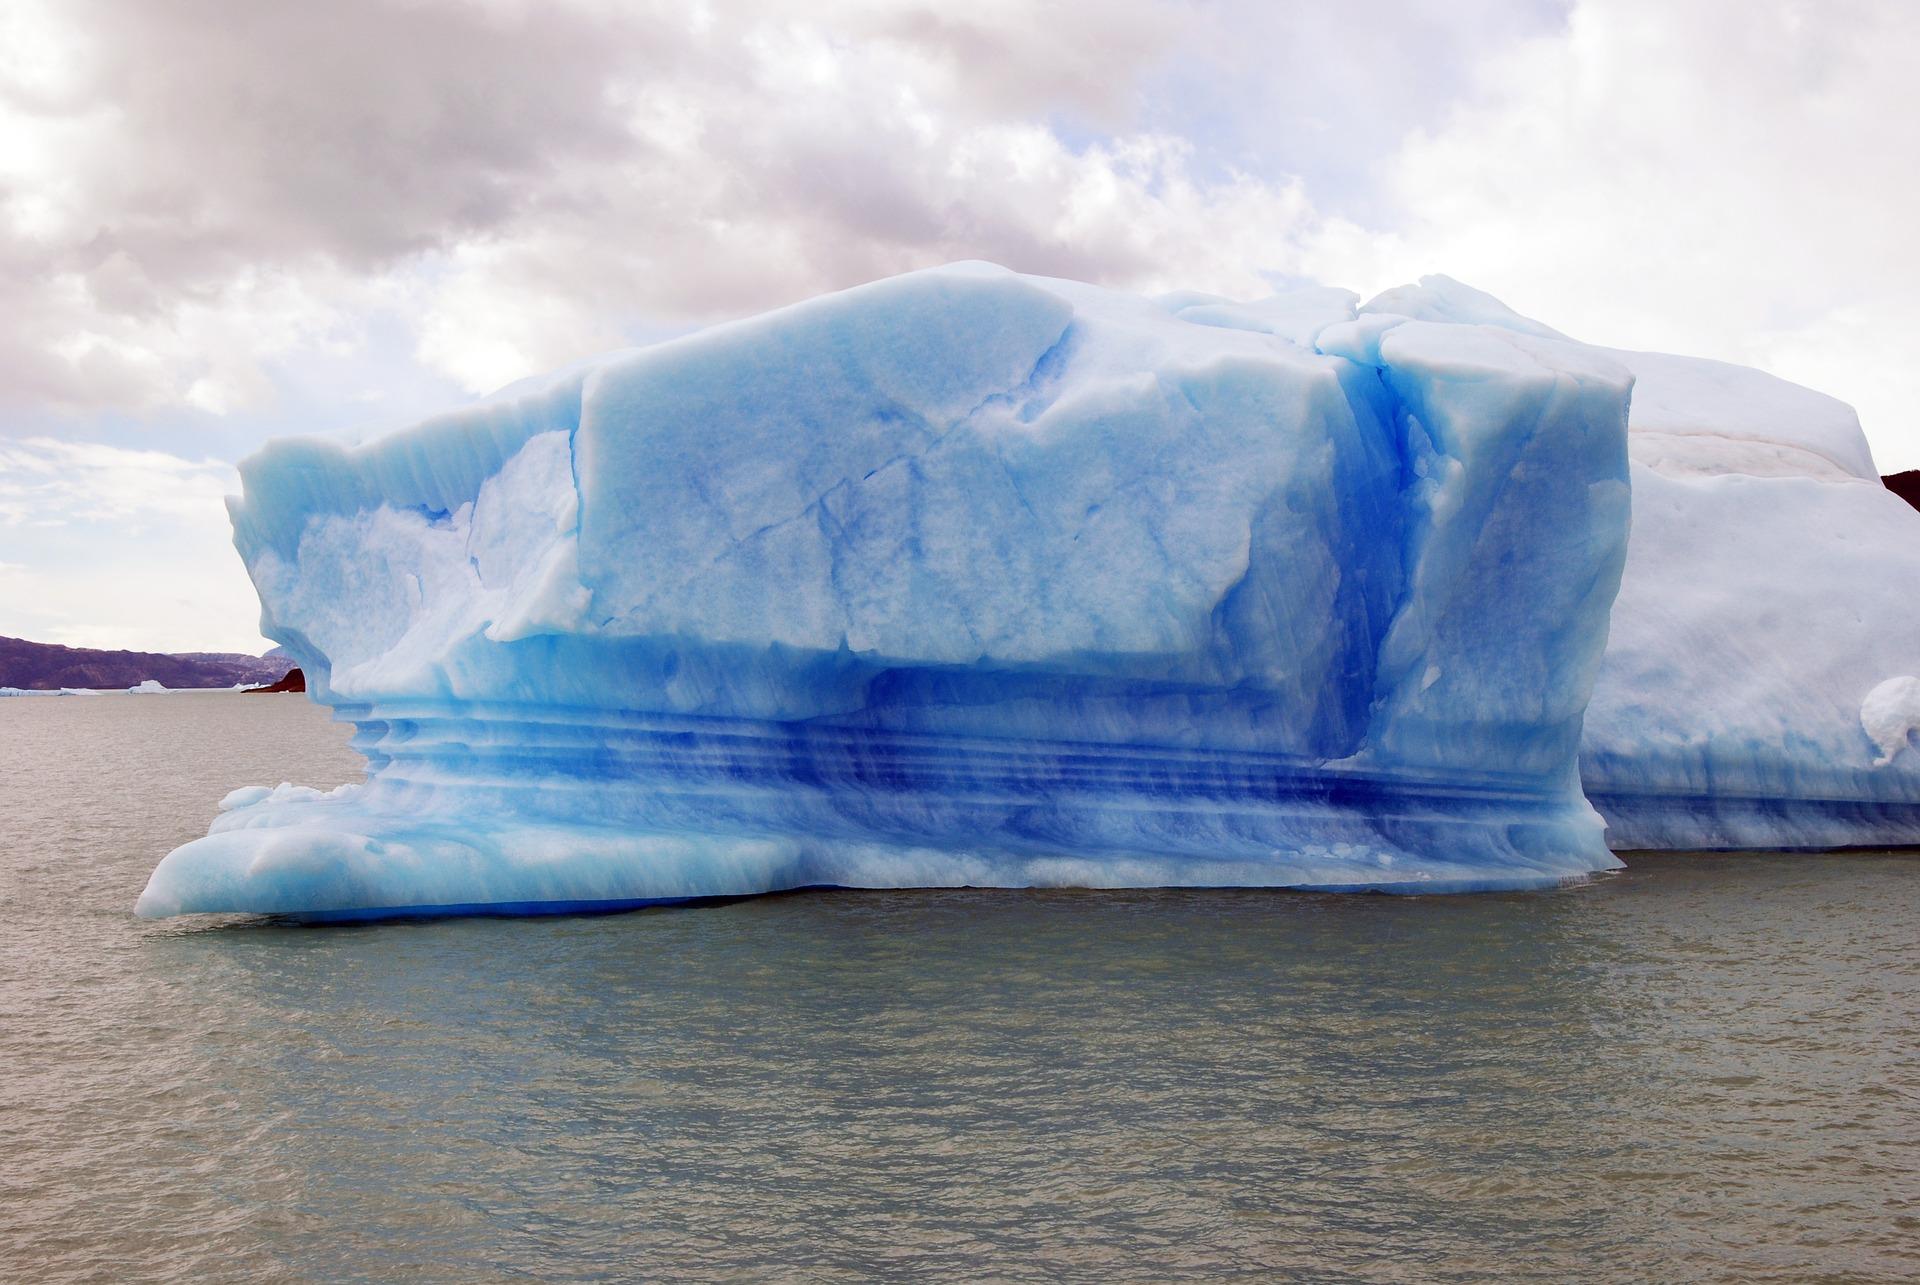 Eisberg (Patagonien)